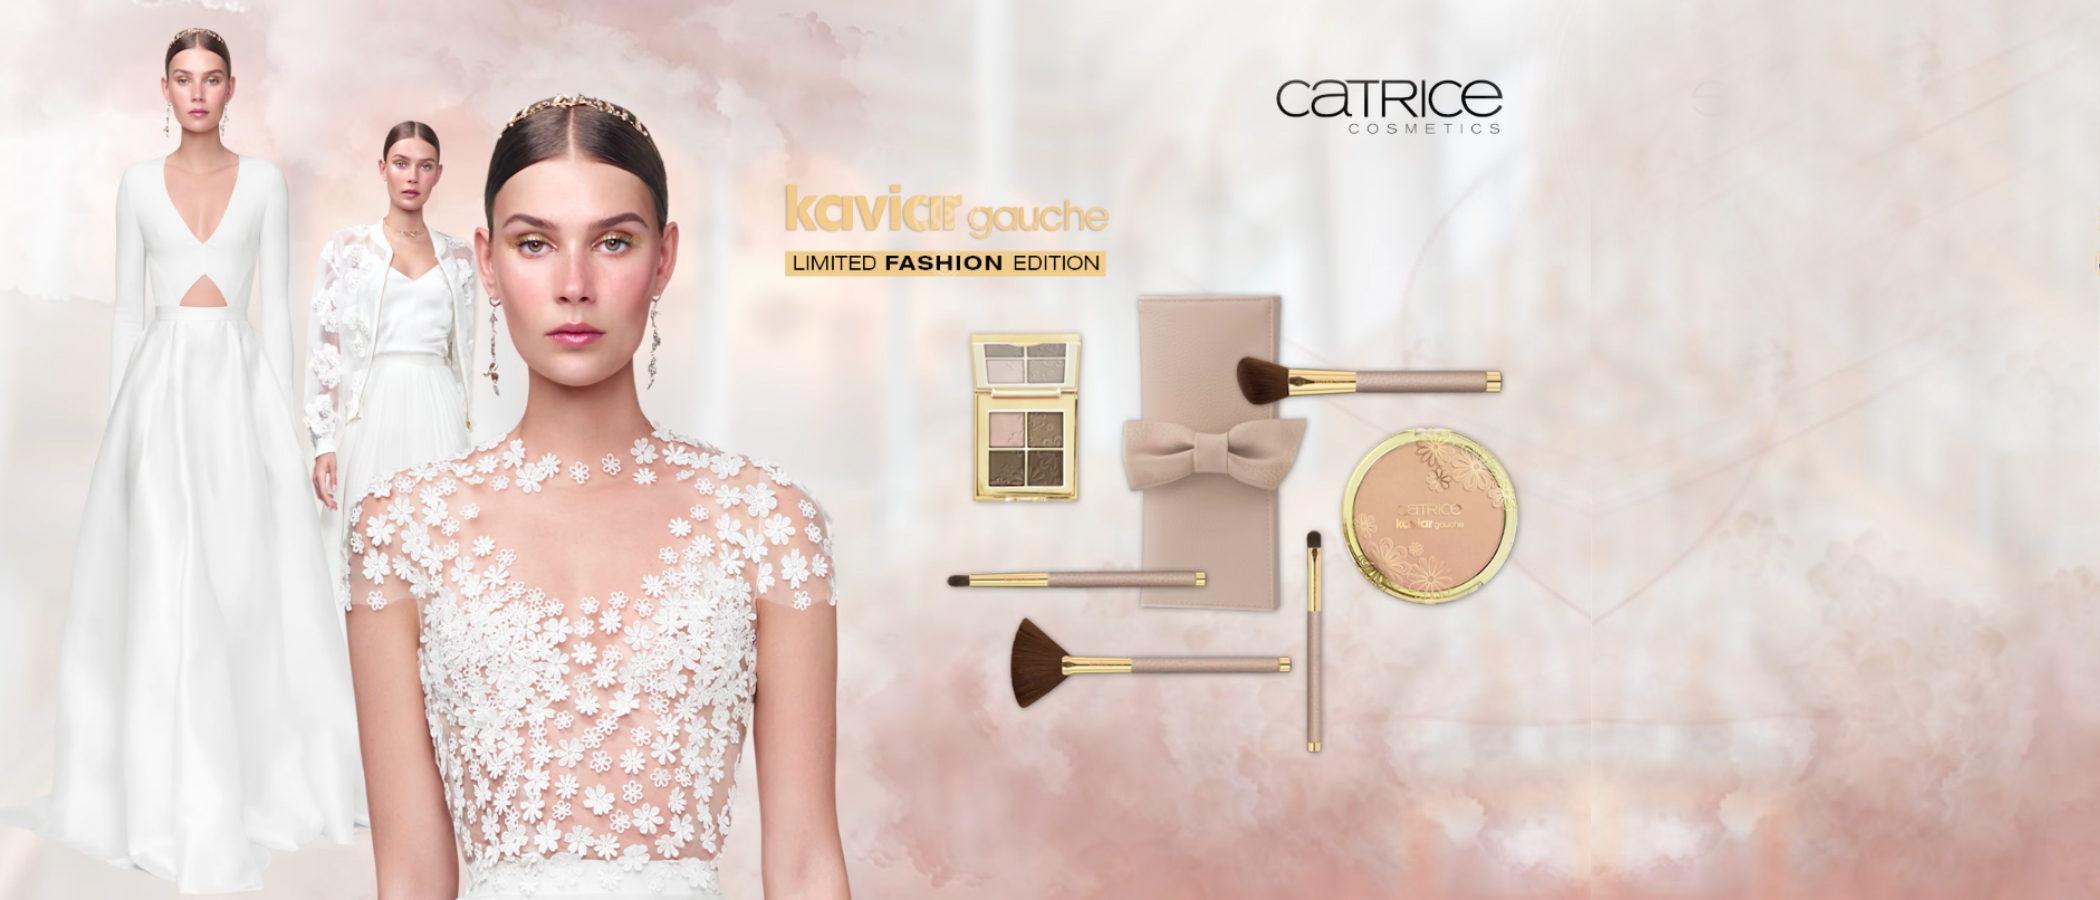 Catrice lanza una colección de maquillaje en colaboración con Kaviar Gauche